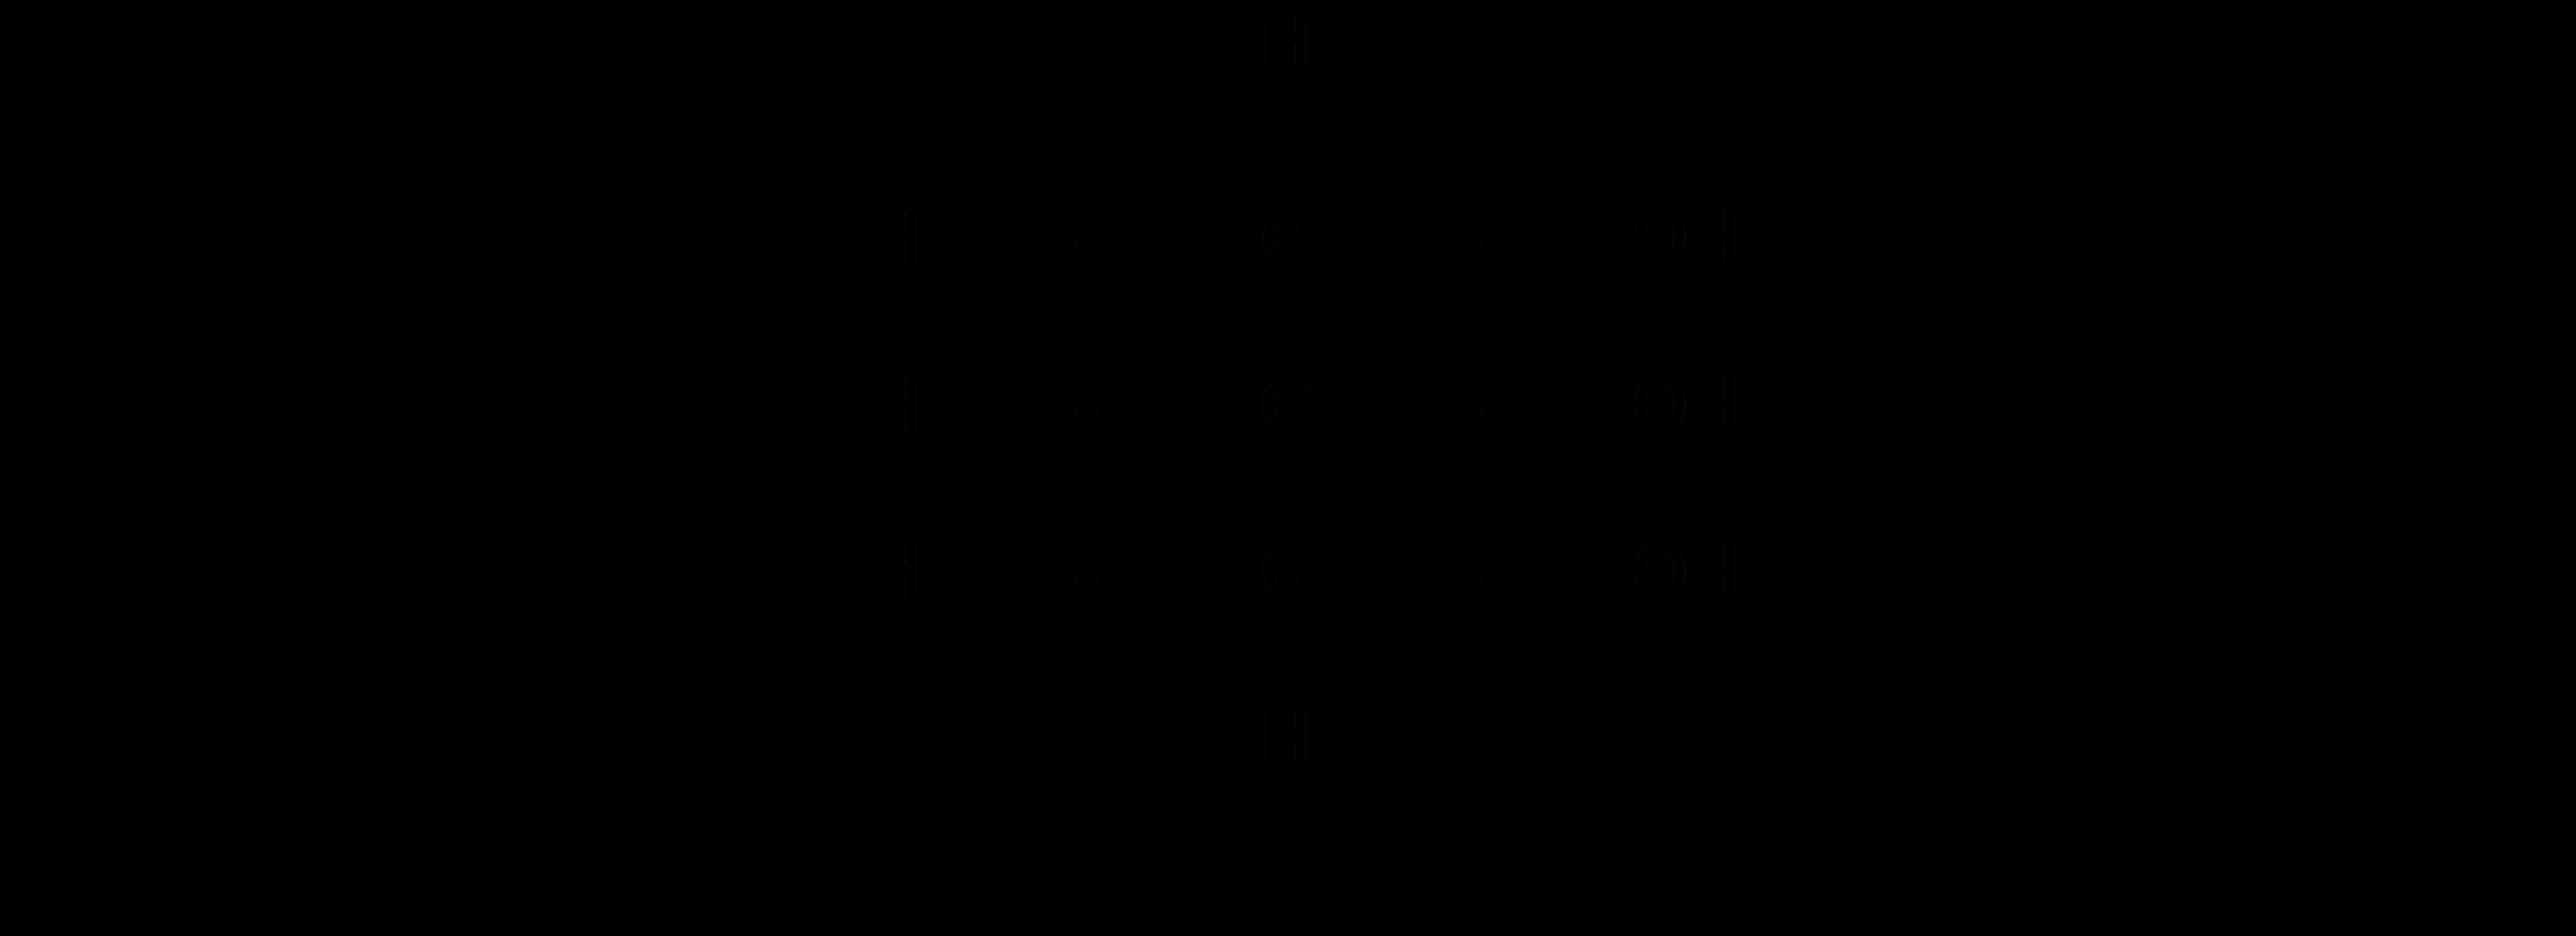 glycerol